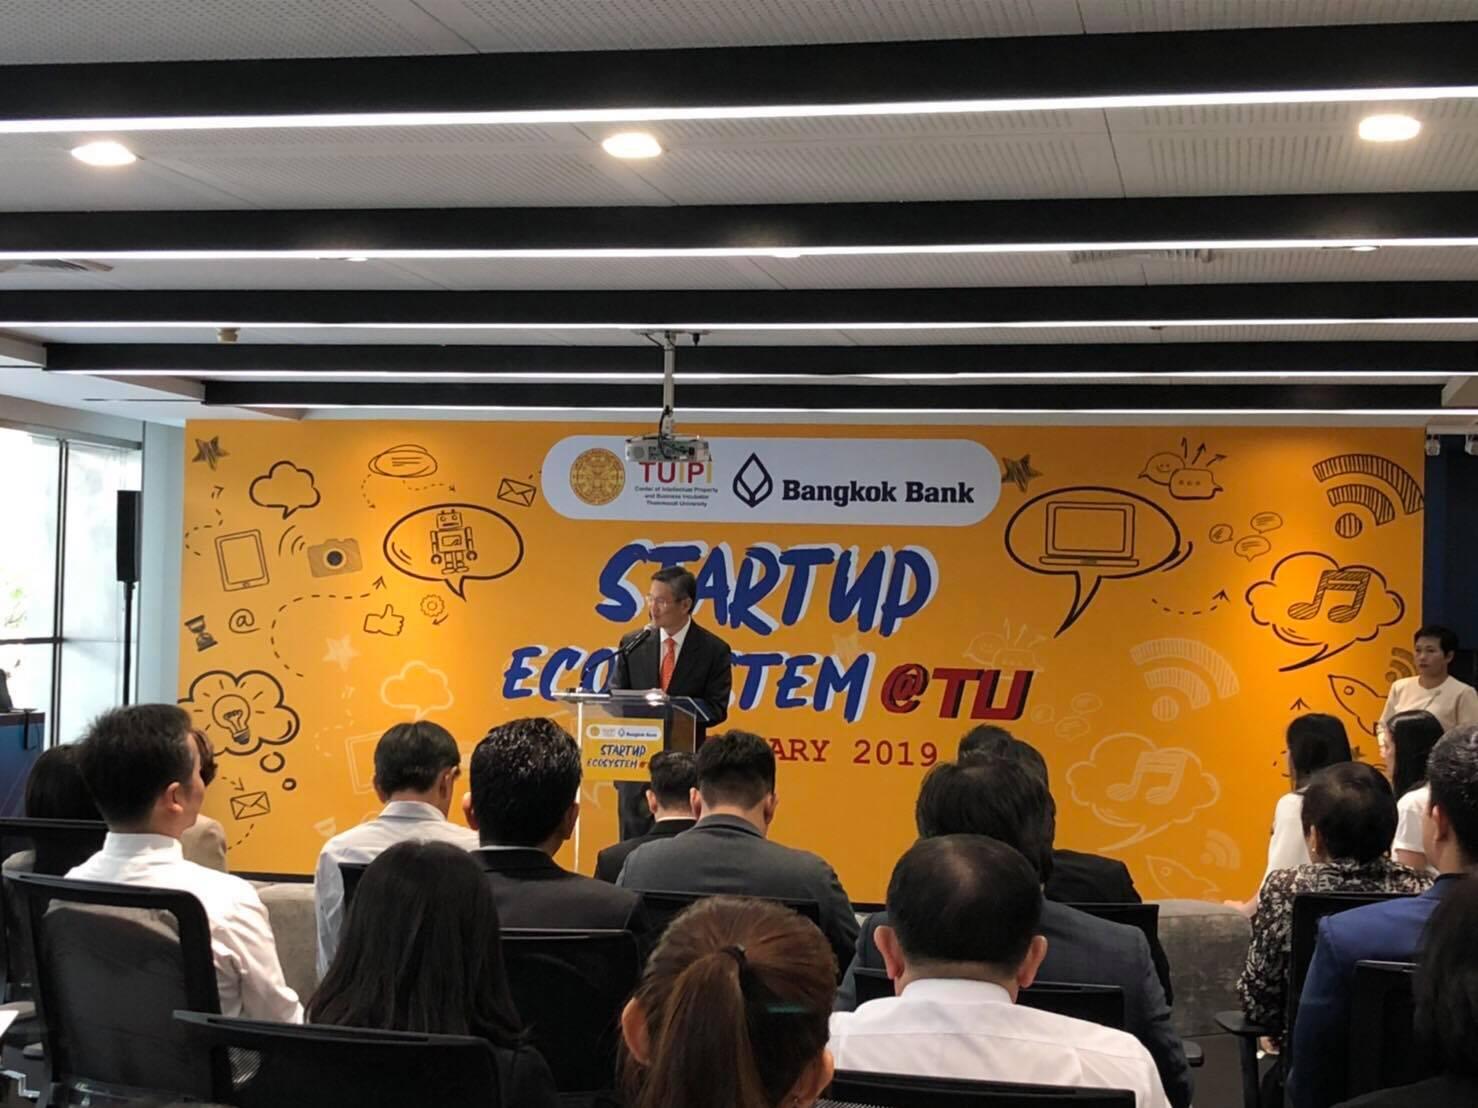 แบงก์กรุงเทพ ทุ่ม 4-6 พันล้าน พัฒนาระบบสินเชื่อธุรกิจ ผุดศูนย์บ่มเพาะ Startup หวังขยายตลาด